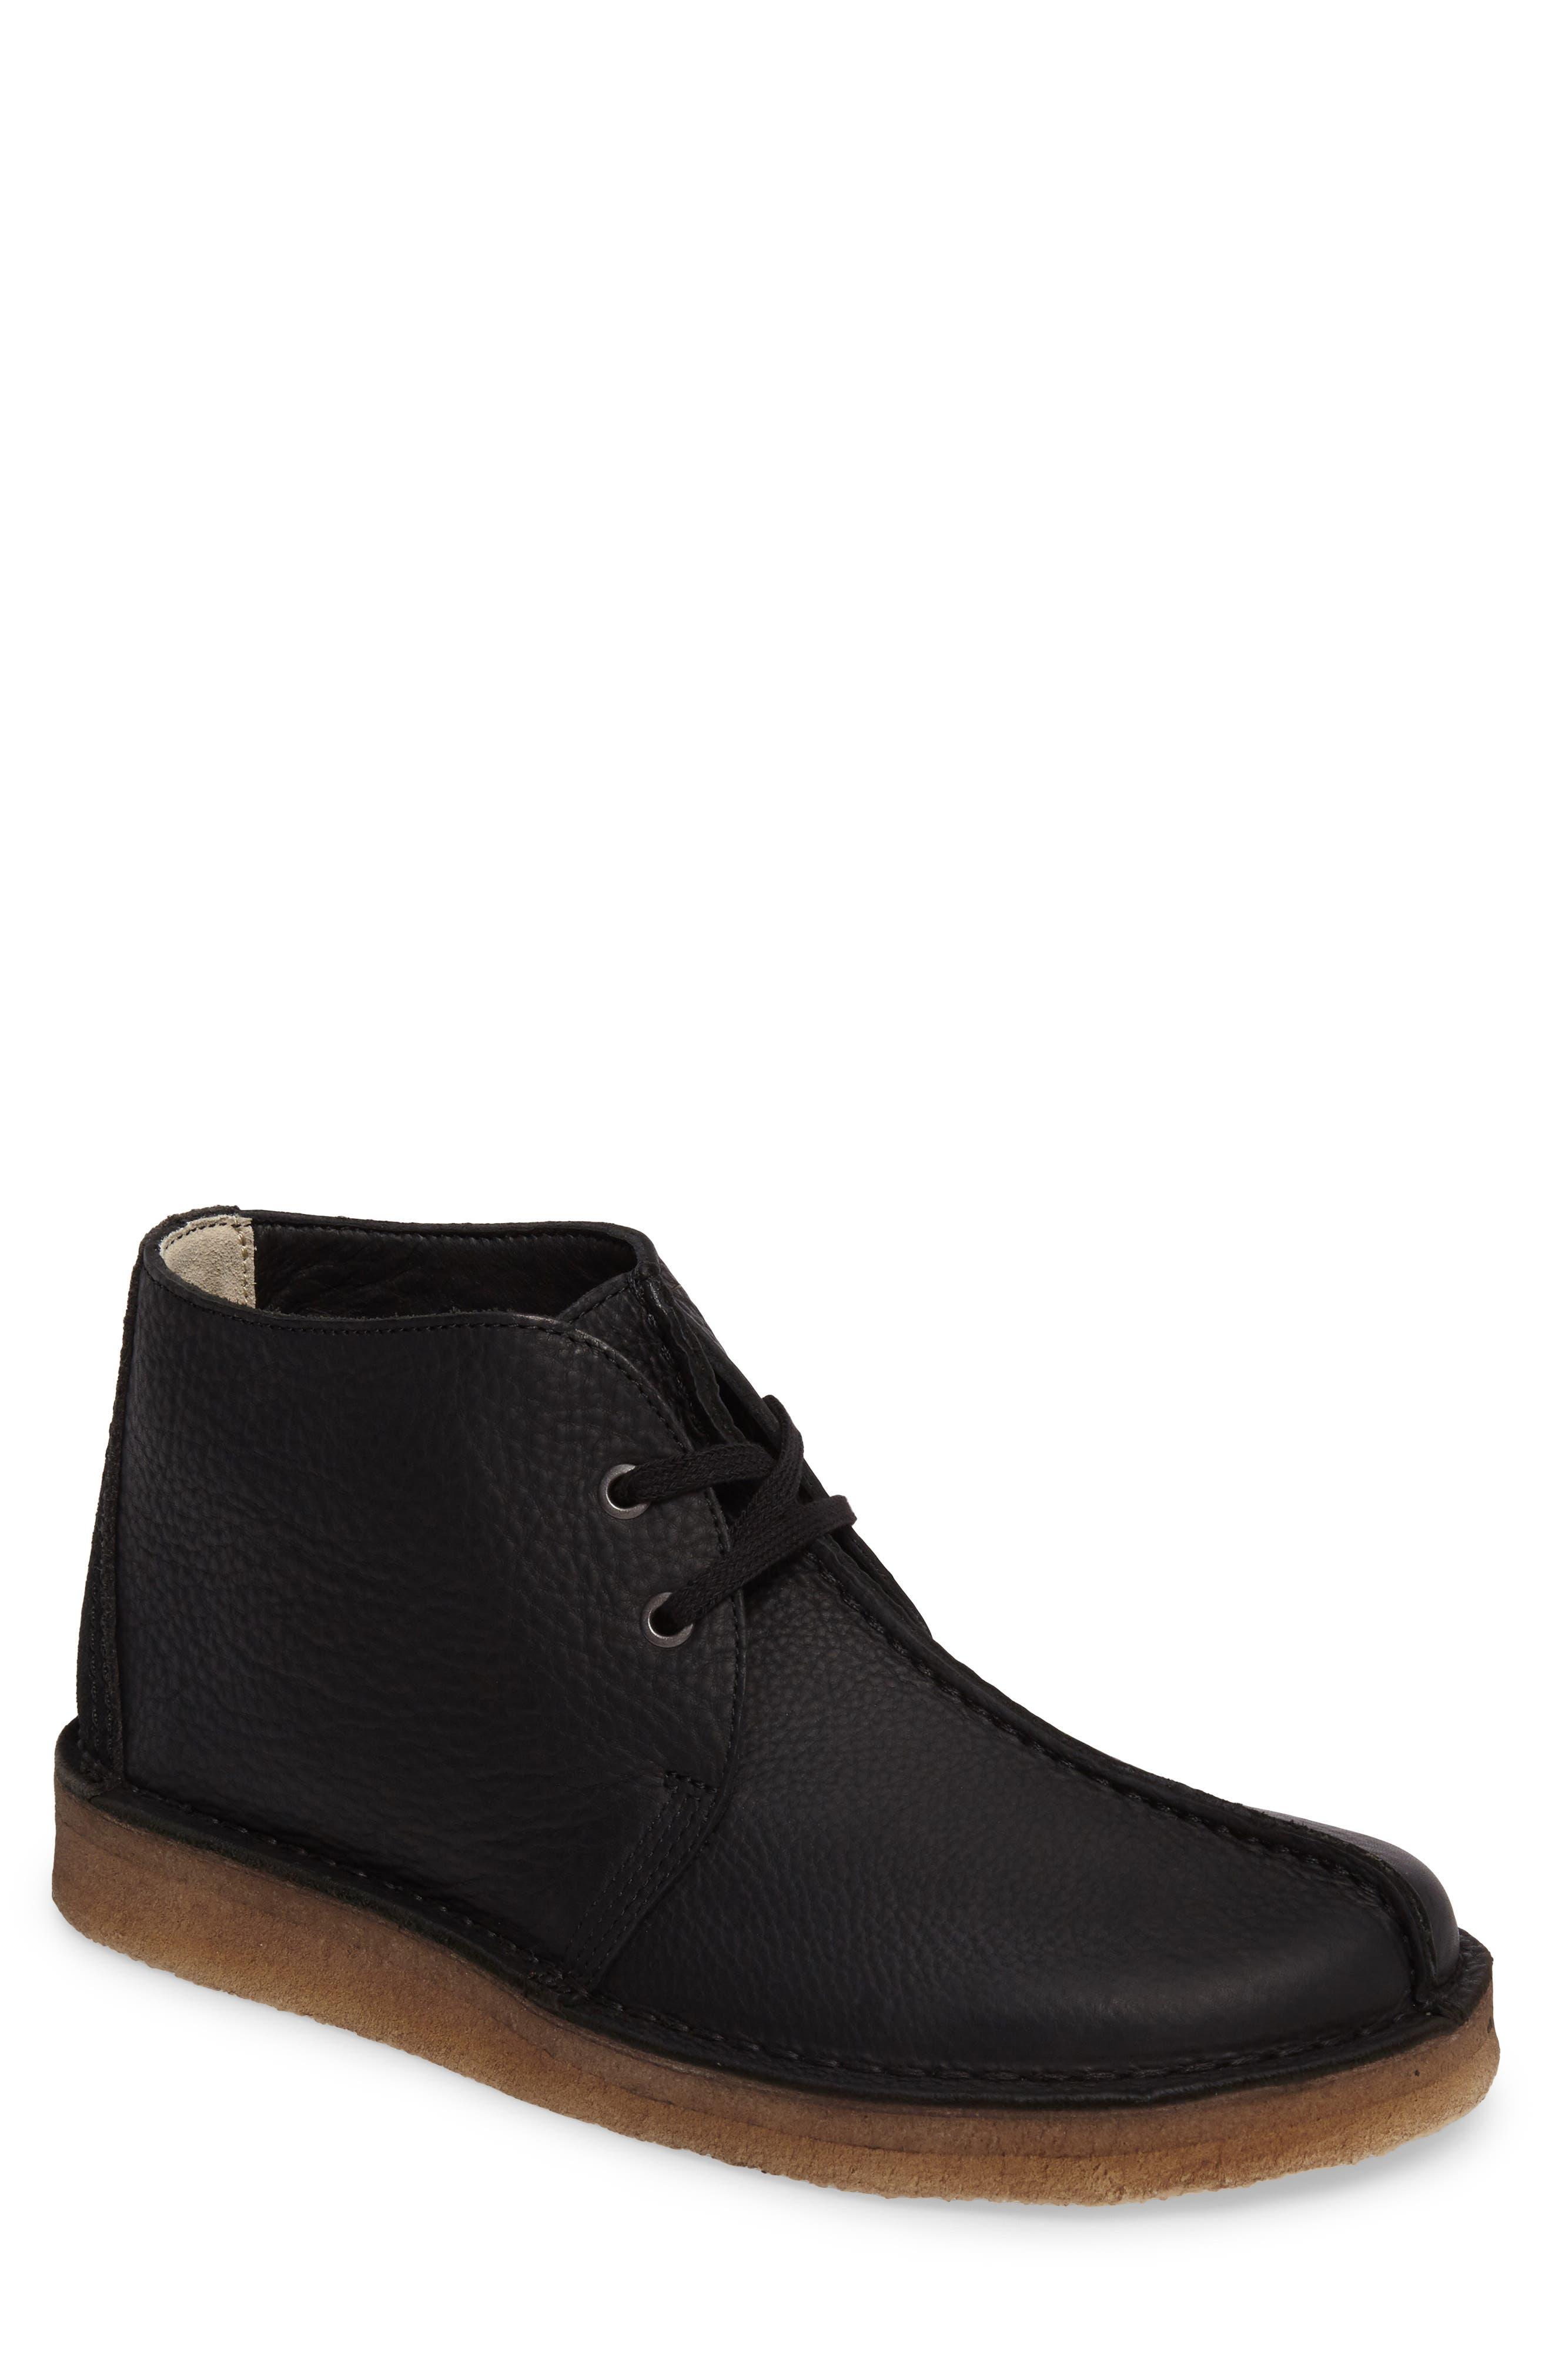 Alternate Image 1 Selected - Clarks Desert Trek Leather Boot (Men)